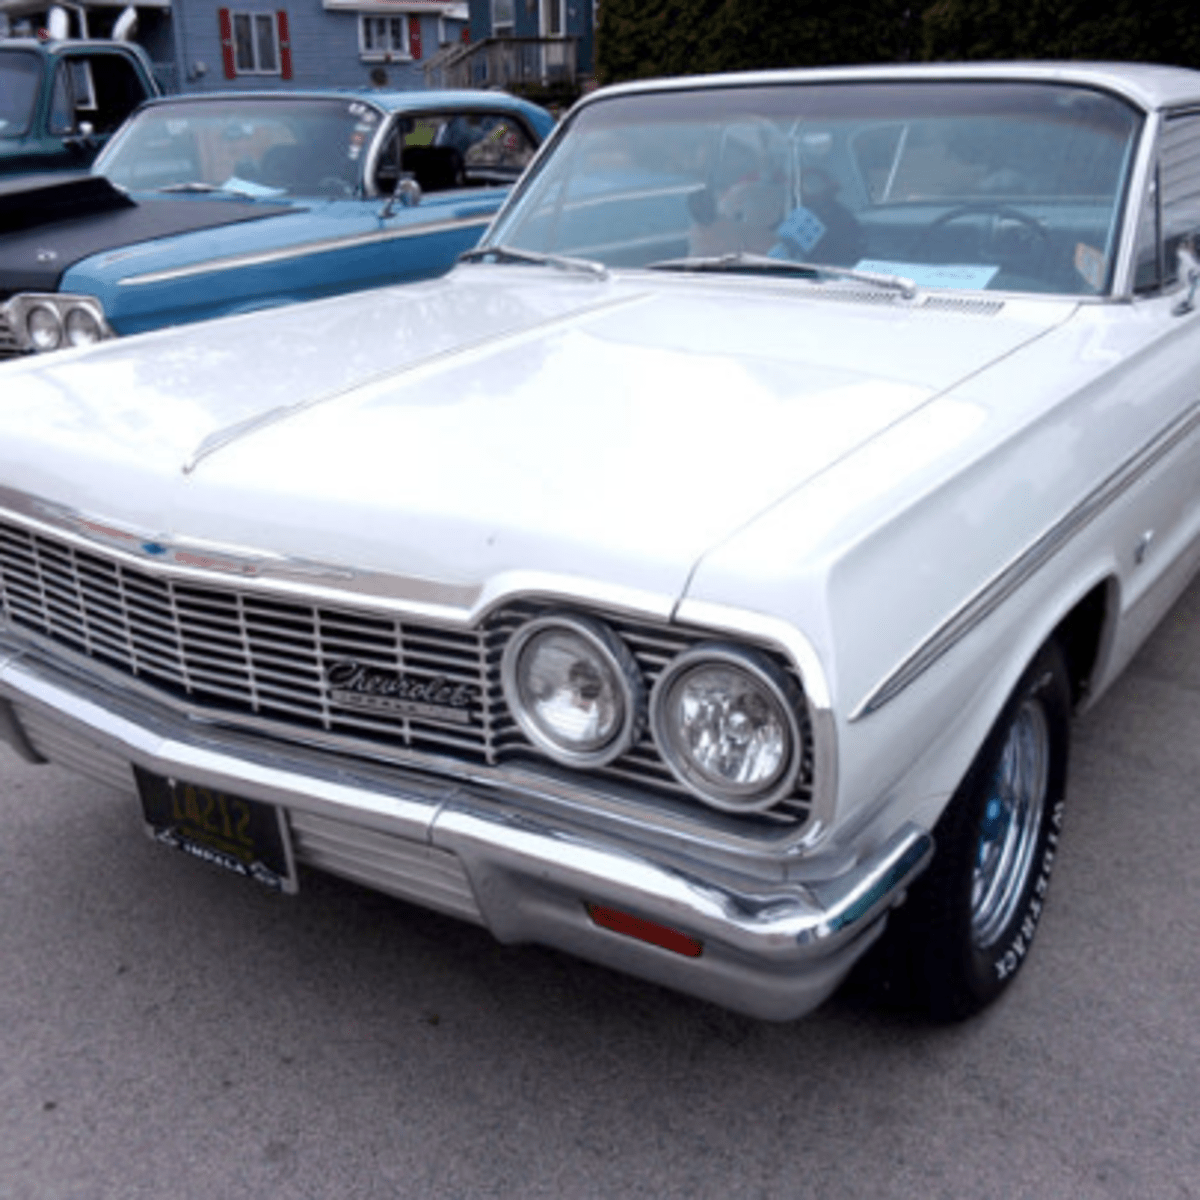 Kelebihan Chevrolet Impala 64 Top Model Tahun Ini